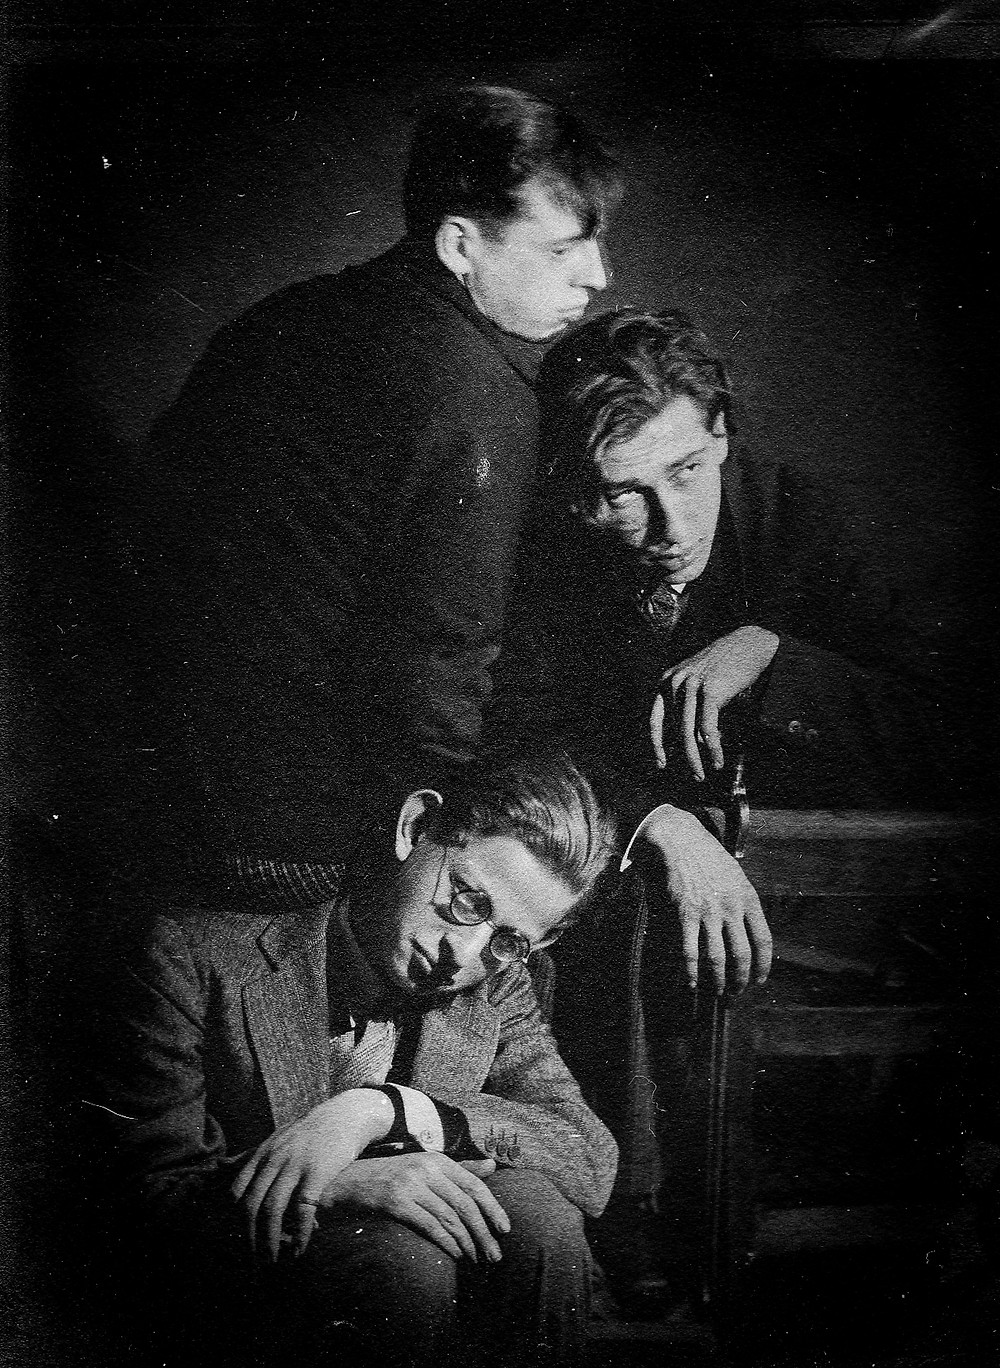 Pablo Tabernero en un autorretrato en la compañía de otros dos estudiantes del curso de Fotografía impartido en Lette-Verein, Berlín 1927-1929